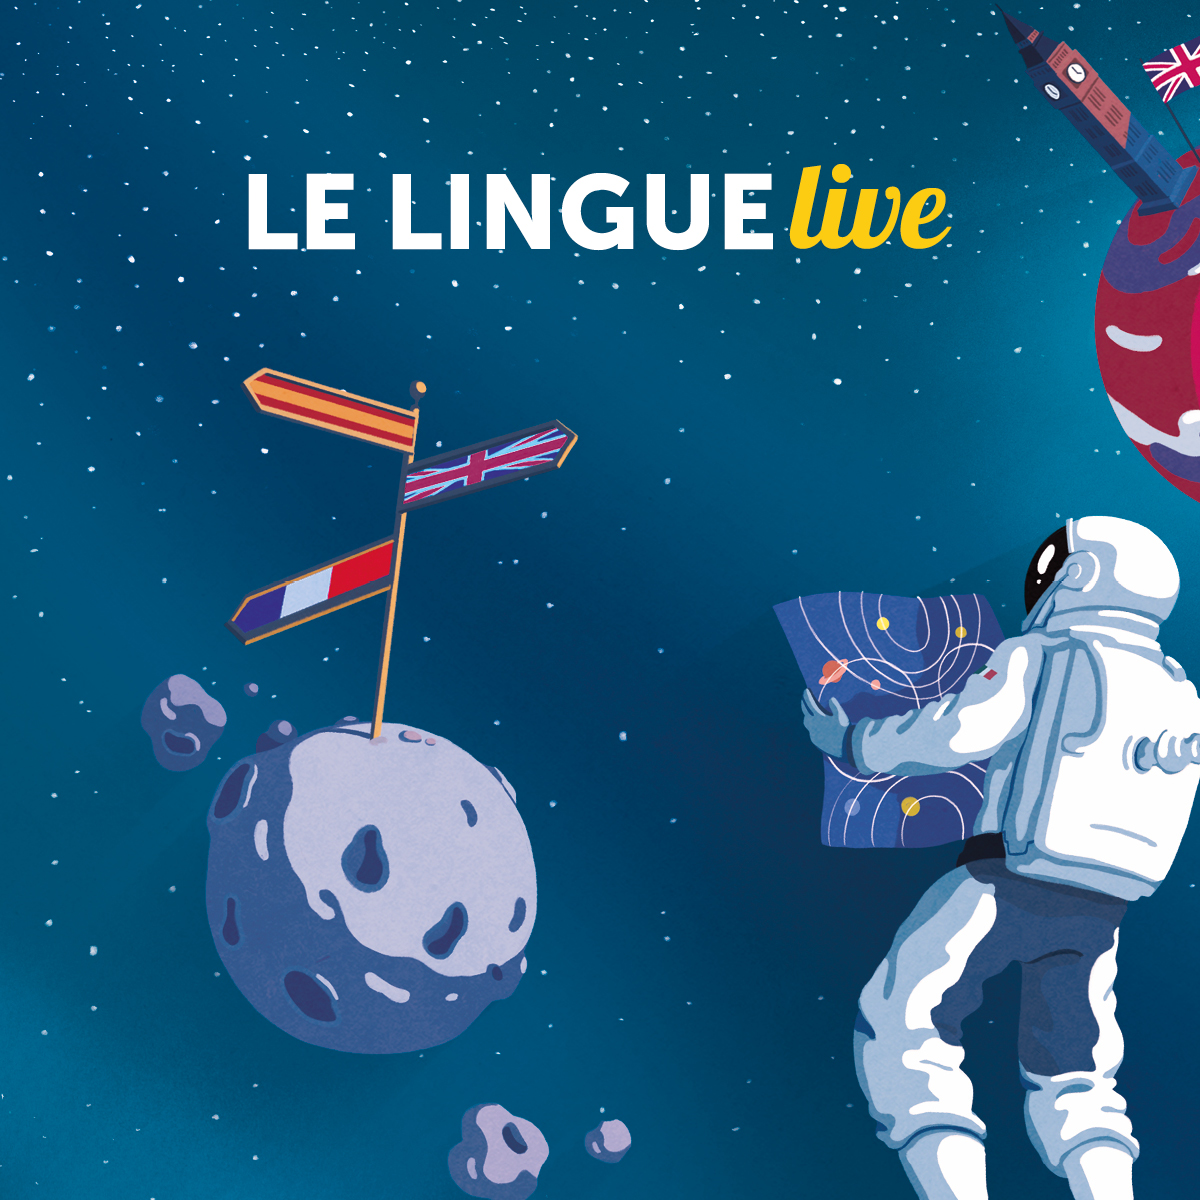 Valutare nella classe di lingue nell'ottica della Didattica Digitale Integrata: sfide, compiti autentici e come valutarli